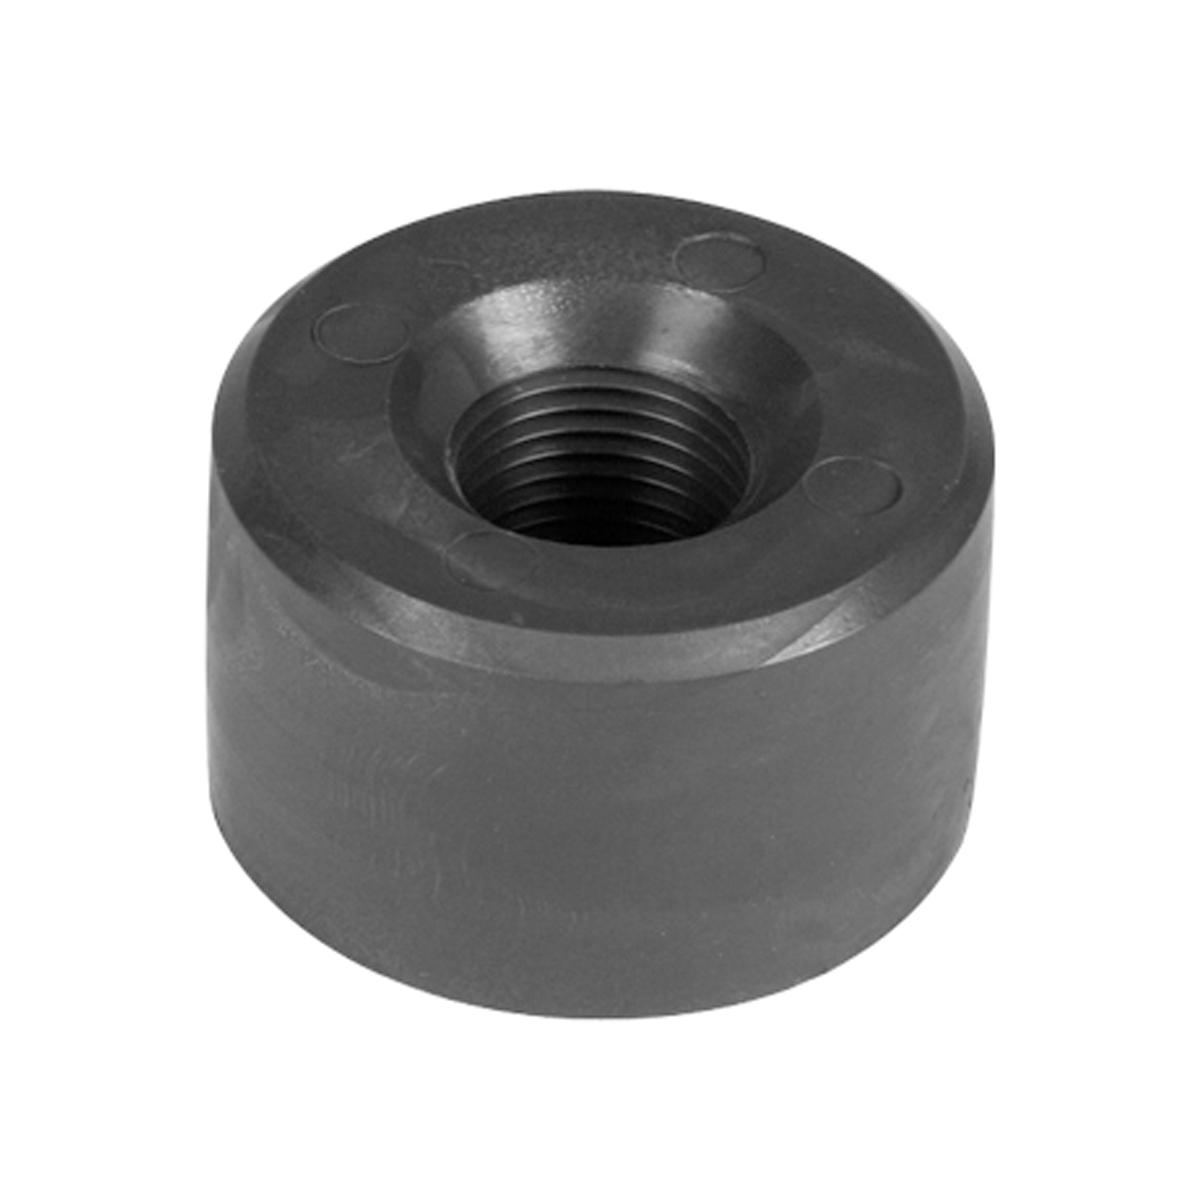 """Reduktion kurz PVC grau Klebe D/Innengewinde d50 - 1/2"""" Reduktion kurz PVC grau Klebe D/Innengewinde d50 - 1/2"""""""